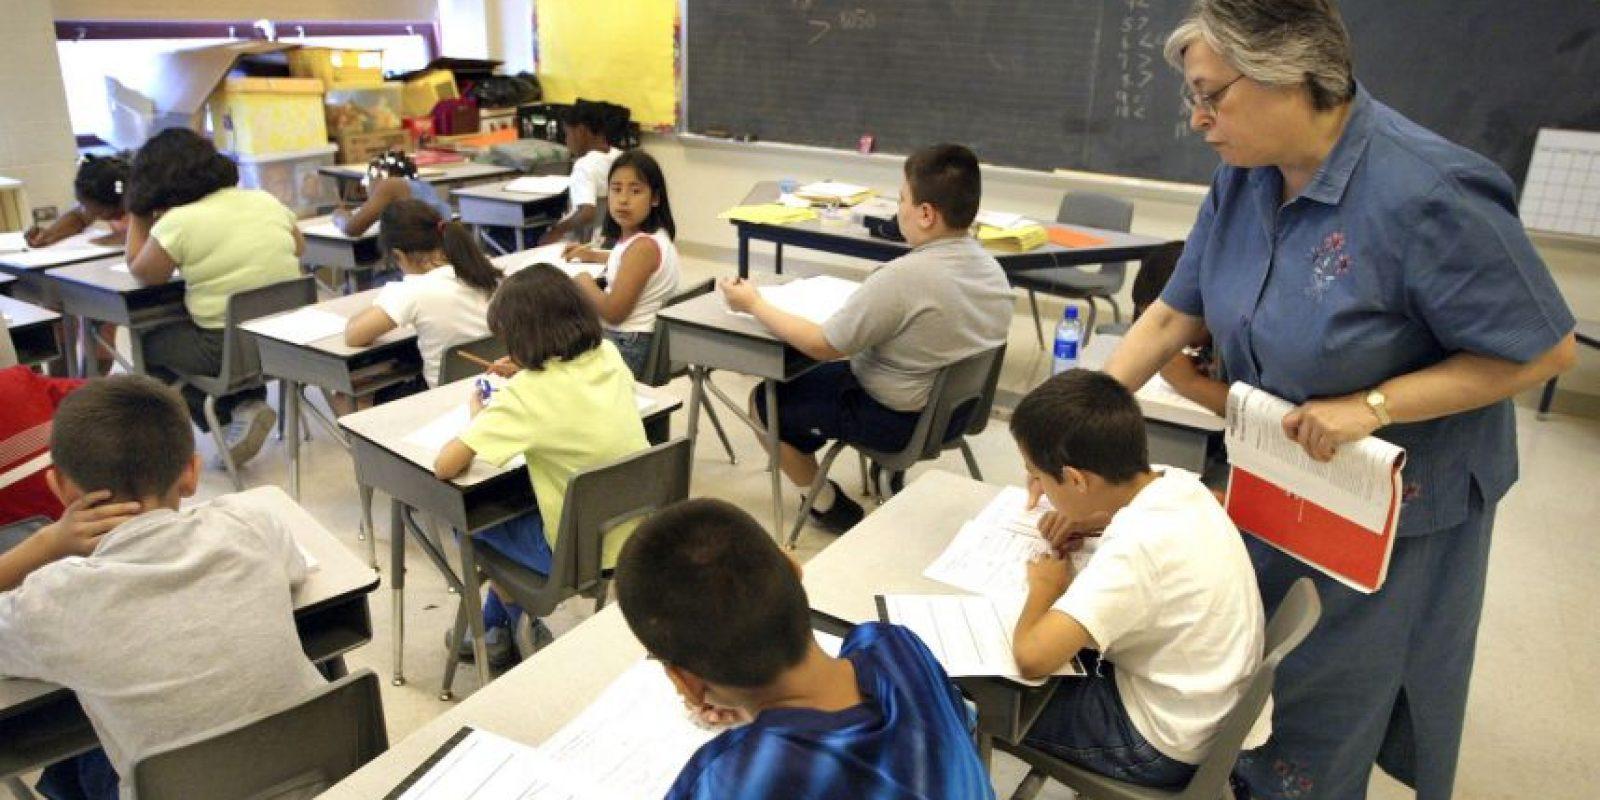 Estudiar cada tema: subrayar, hacer esquemas, resúmenes, etcétera Foto:Getty Images